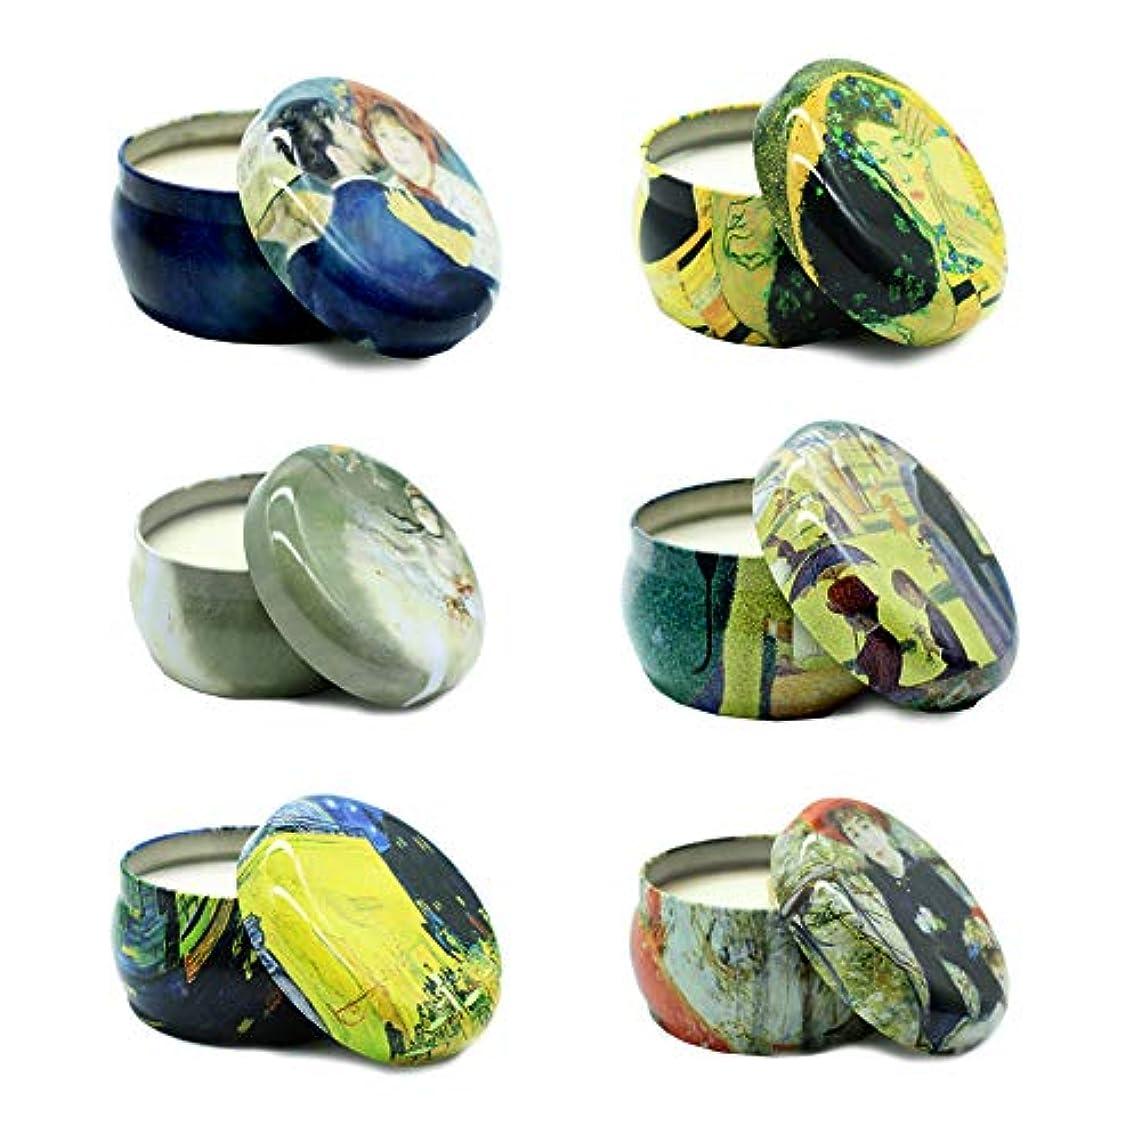 組立調停する崖【AROMA COMPANY】airla SOY TIN CANDLE エアラソイティンキャンドル アロマキャンドル 名画 ろうそく 室内 香り (6種セット)